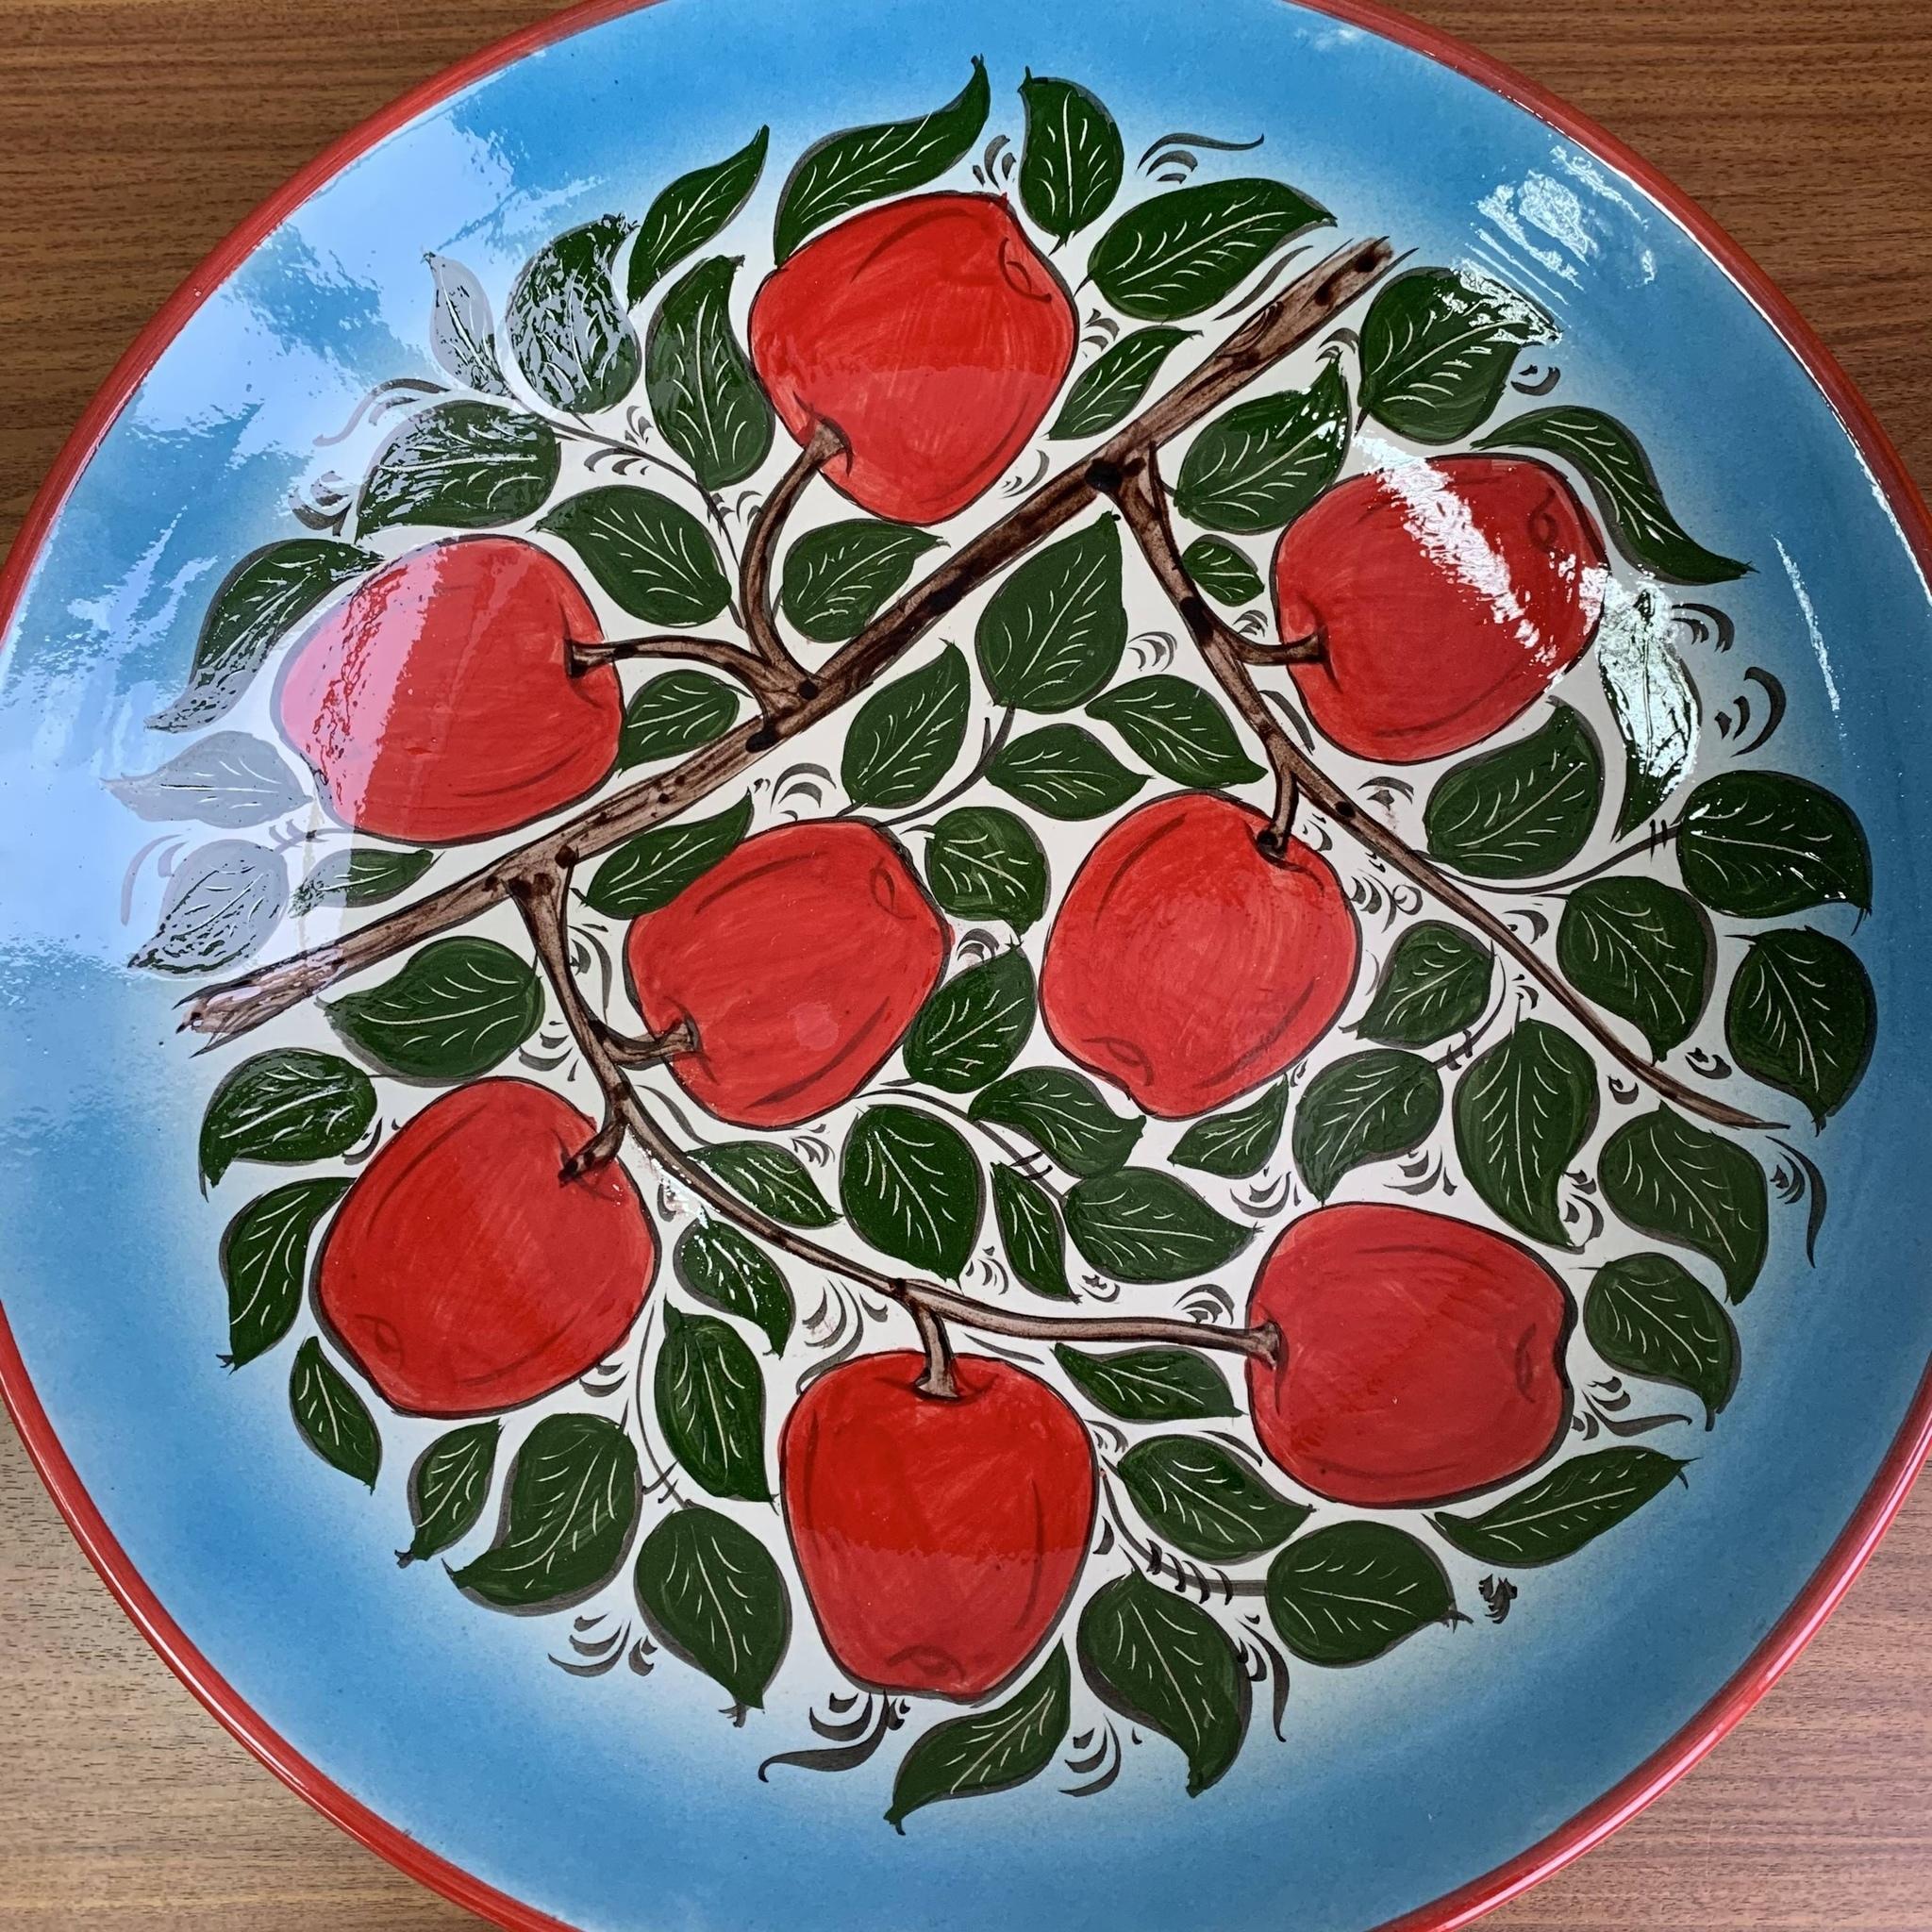 Посуда Ляган ручная роспись яблоки 42 см 37v9k12Zk_M.jpg